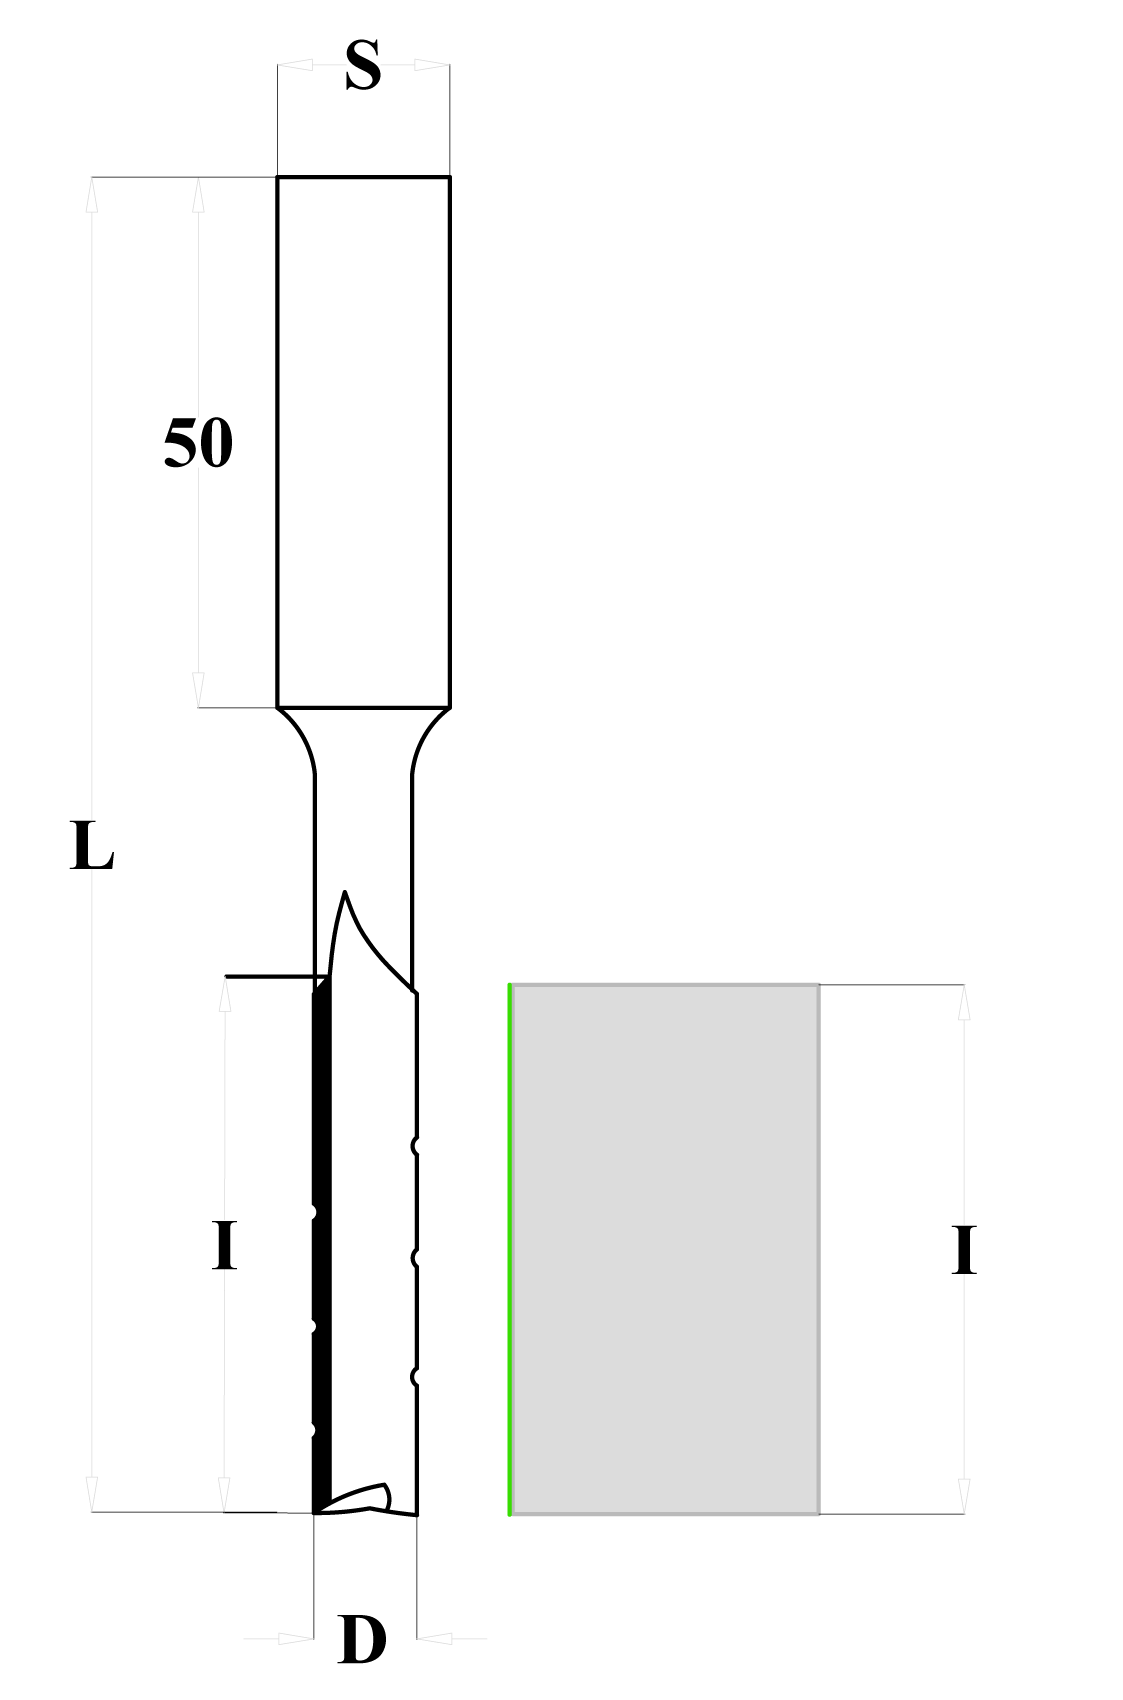 Fresa a taglienti dritti per mortasare con rompitruciolo - sinistra - disegno tecnico